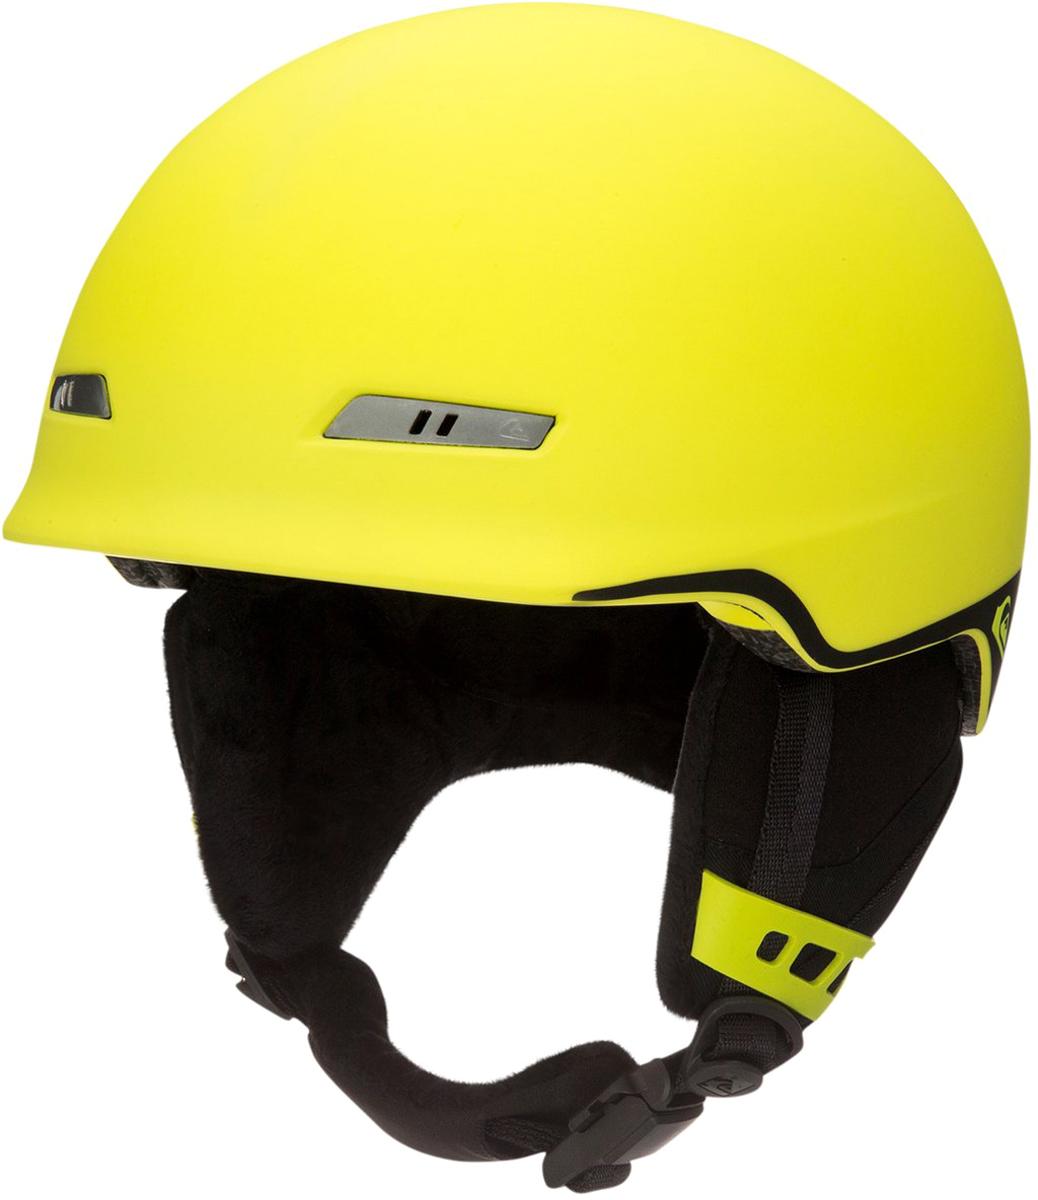 Шлем для горных лыж и сноуборда мужской Quiksilver. EQYTL03017-GGP0. Размер S (52-54)EQYTL03017-GGP0Шлем для горных лыж и сноуборда Quiksilver выполнен из материала двойной микрошелл сверхлегкой литой конструкции. Ударопоглощающий пенный полимер EPS обеспечивает безопасность.Предусмотрена пассивная вентиляция спереди и сзади. Подкладка выполнена из сетки и флисовой шерпы. Шлем оснащен мягкими термоформованными съемными накладками на уши. Система регулировки размера и воротник-гейтер.Стреп на подбородок выполнен из мягкой шерпы и оснащен застежкой системы Fidlock. Вес: 400 г. Сертификация: EN1077.Что взять с собой на горнолыжную прогулку: рассказывают эксперты. Статья OZON Гид